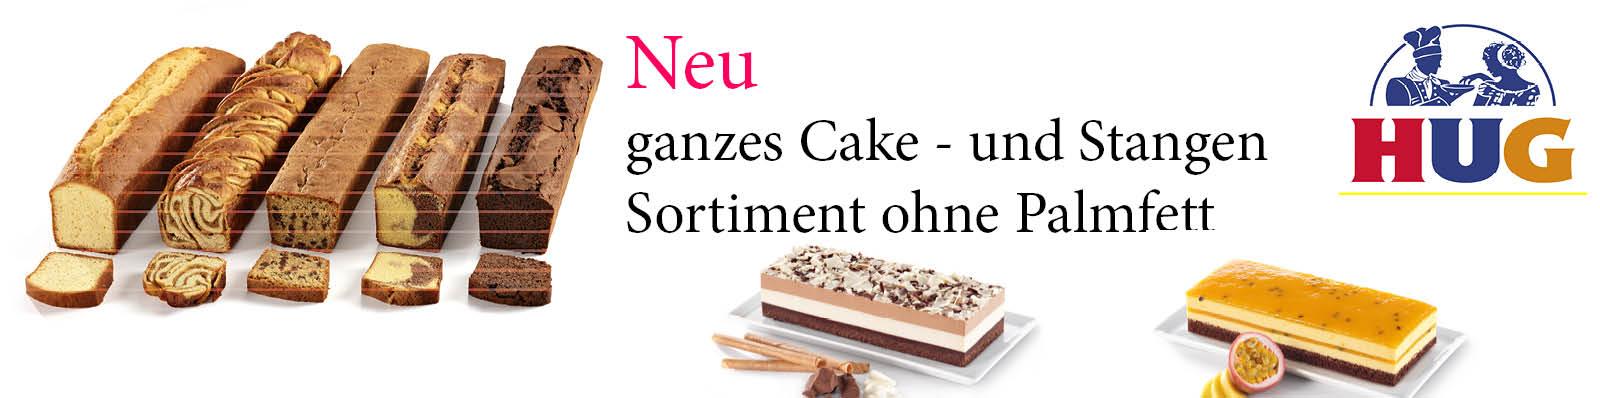 Cake_Hug_2021